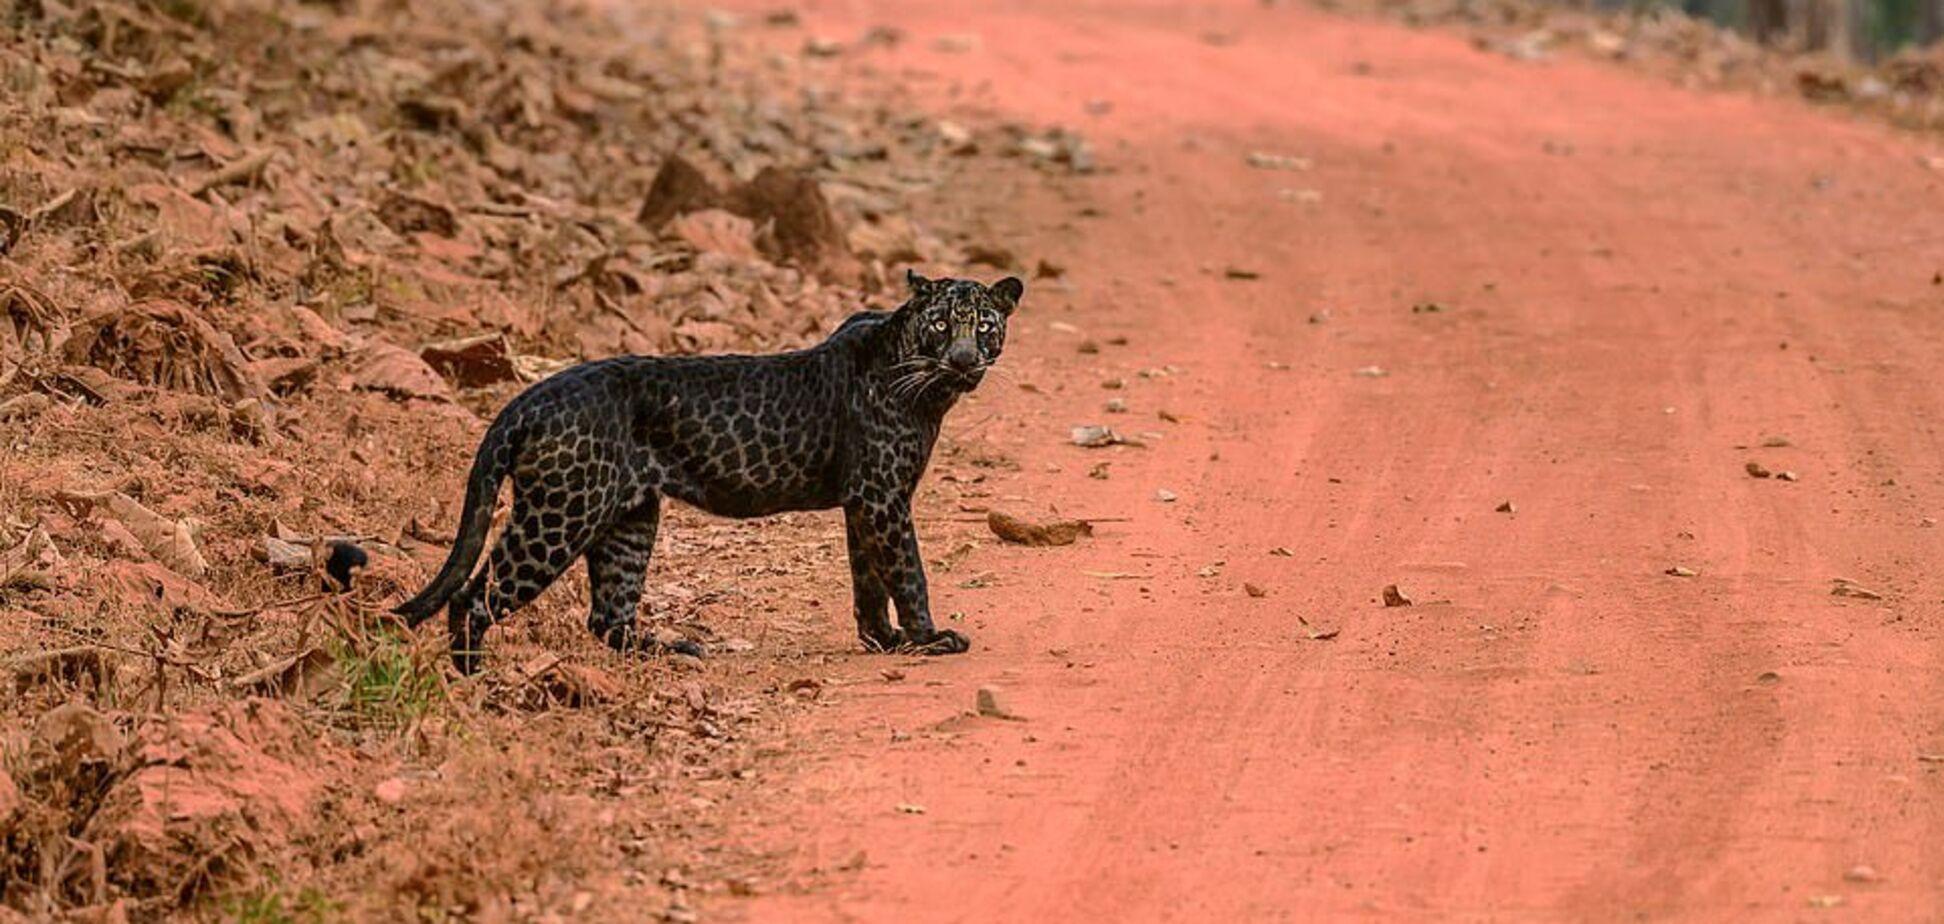 Очень редкого черного леопарда засняли на охоте за оленем. Фото и видео